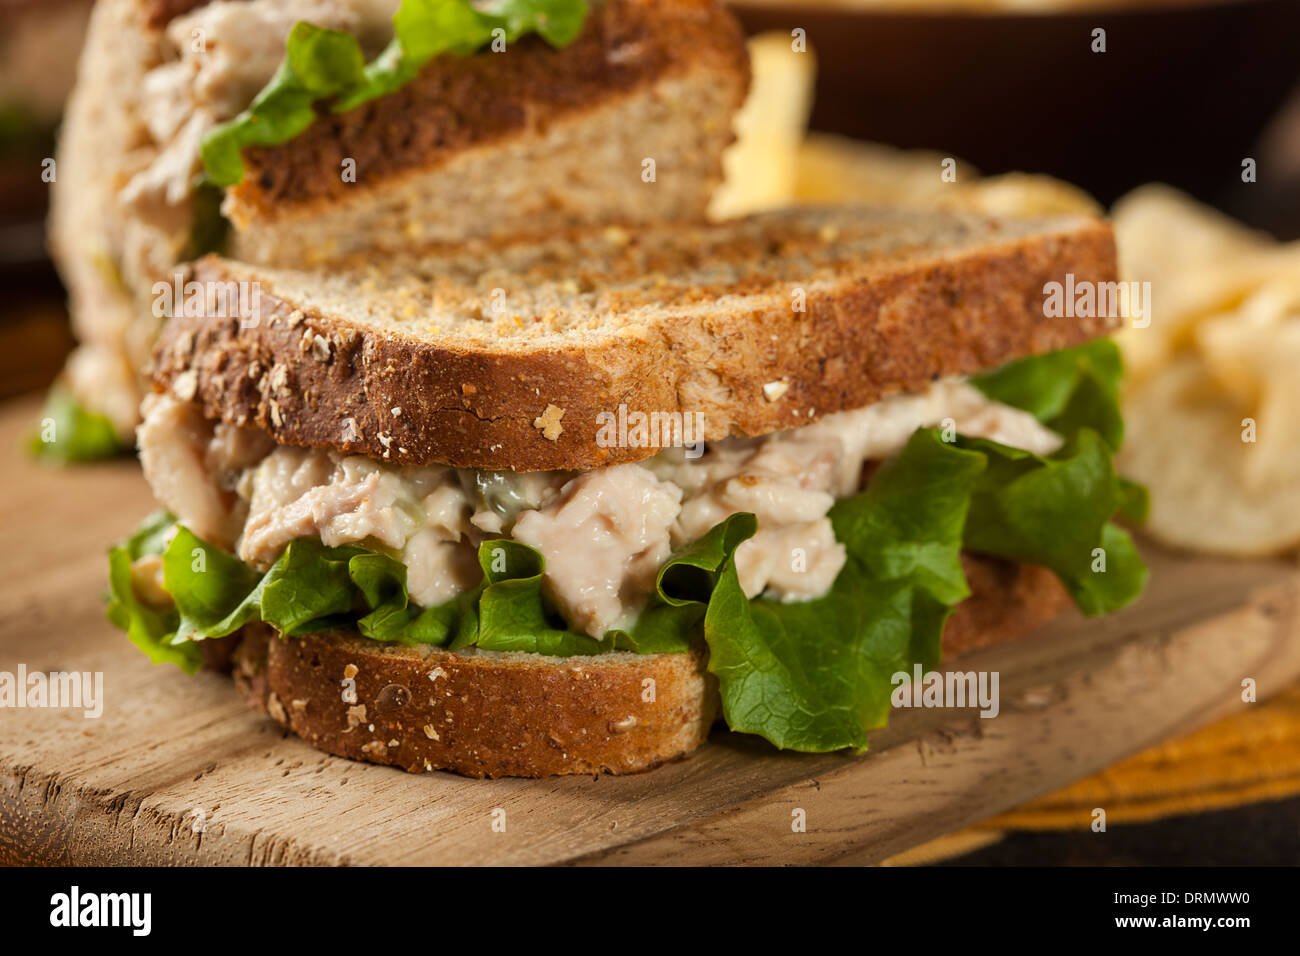 Un sano tonno Sandwich con lattuga e un lato di chip Immagini Stock